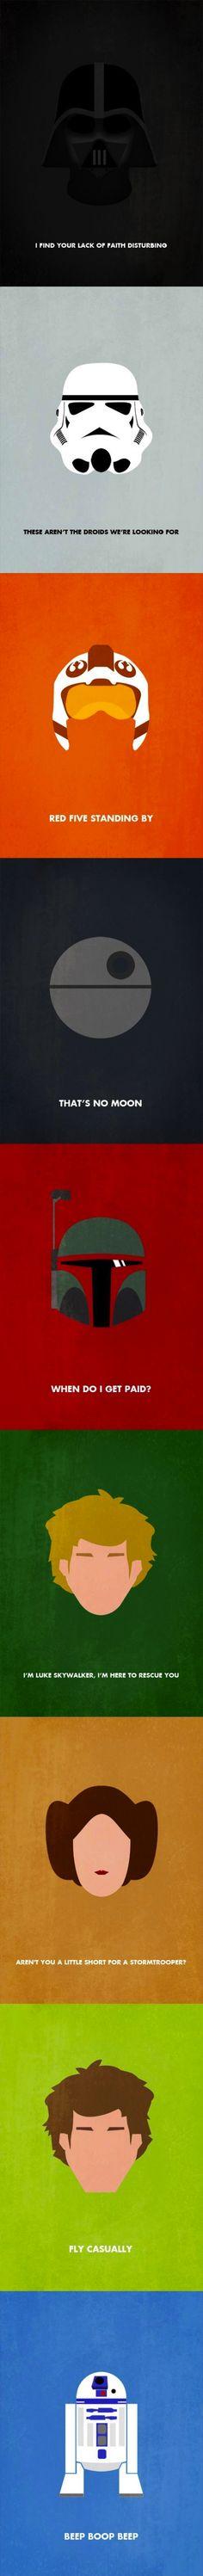 Star Wars Minimalistic Characters